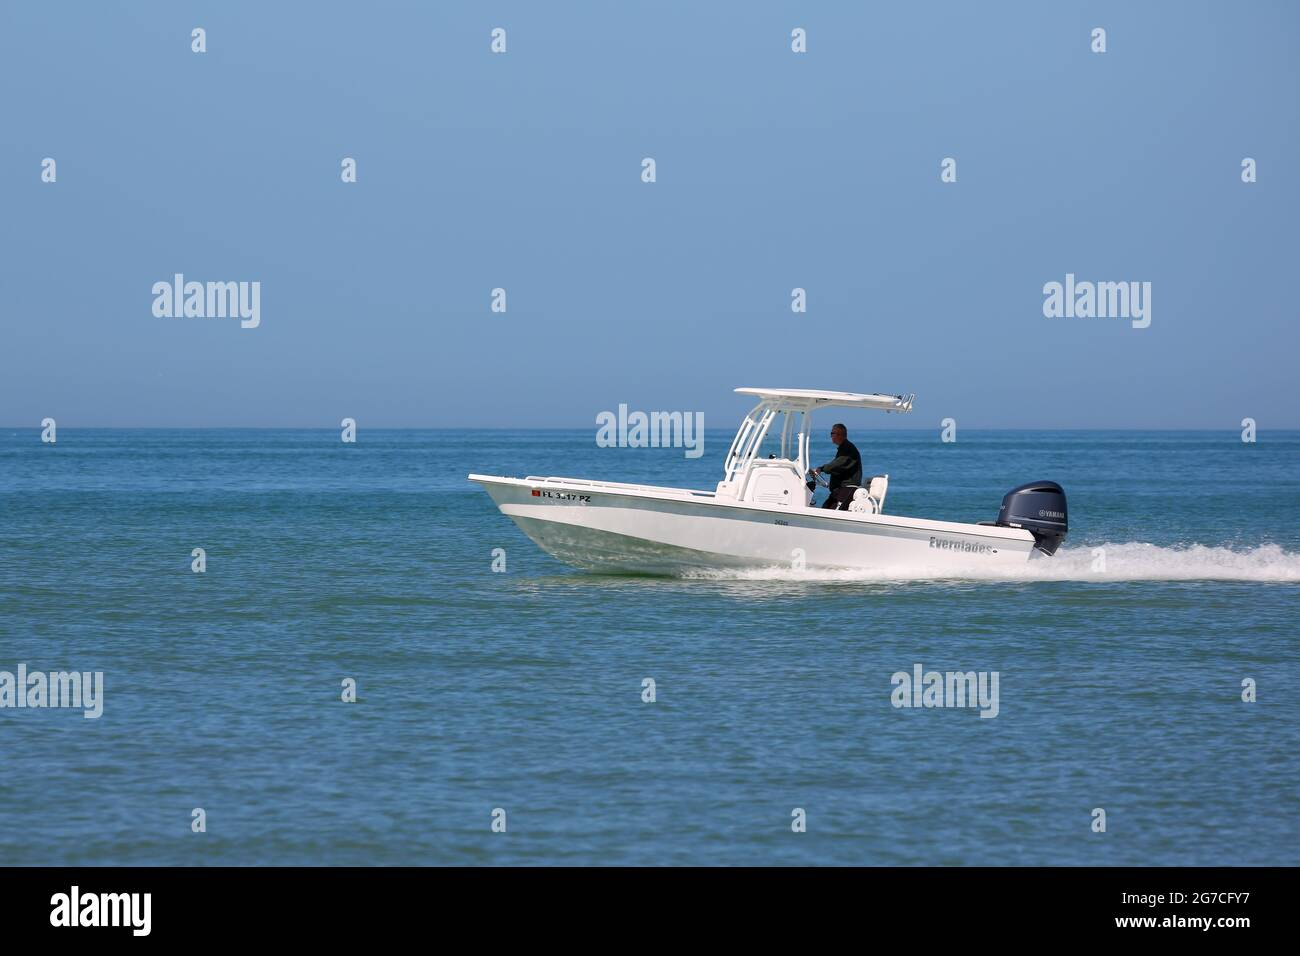 Un bateau à moteur qui s'accélère le long de la côte à Clearwater, Floride, États-Unis Banque D'Images